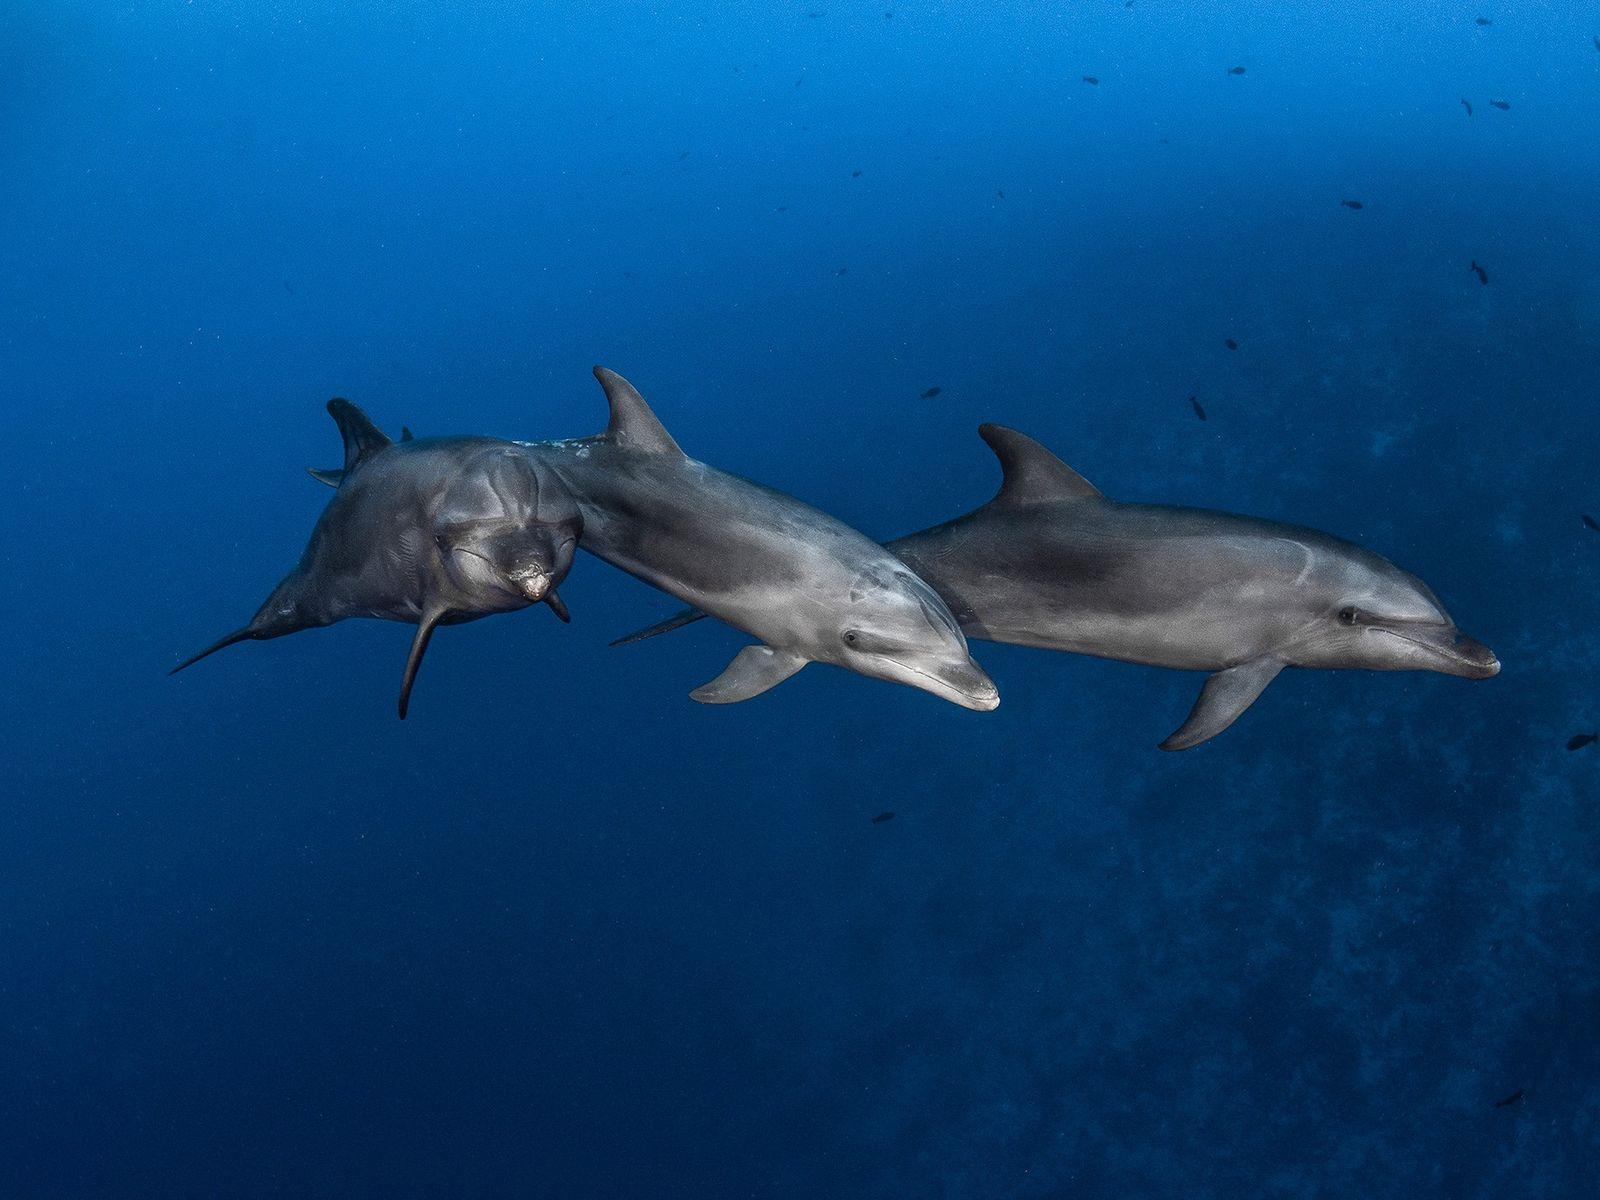 Roazes-corvineiros a nadar no Canal Rangiroa, na Polinésia Francesa. Estes mamíferos marinhos vivem em grupos de ...